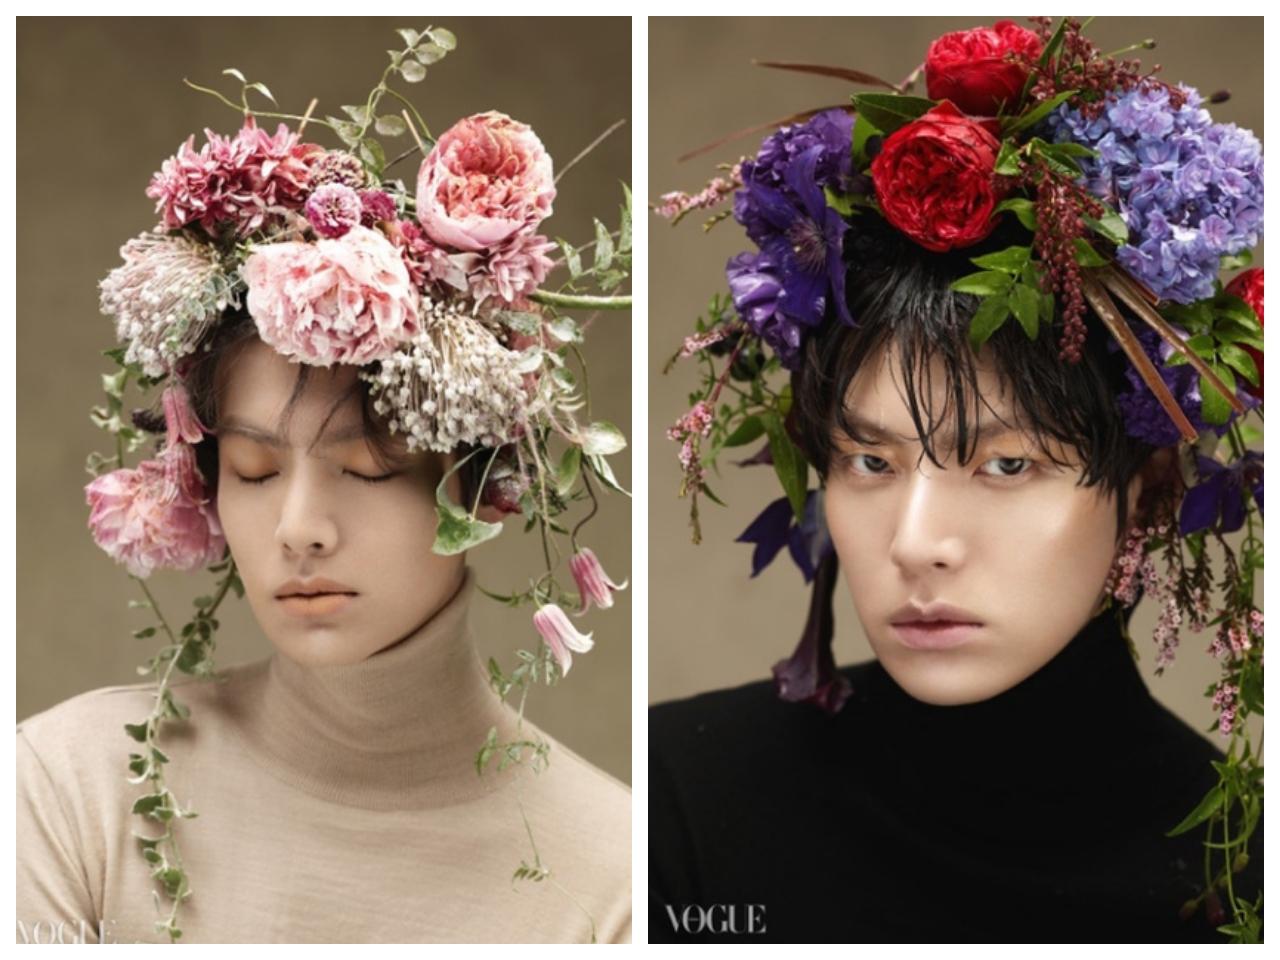 Ahn Jae Hyun - Vogue